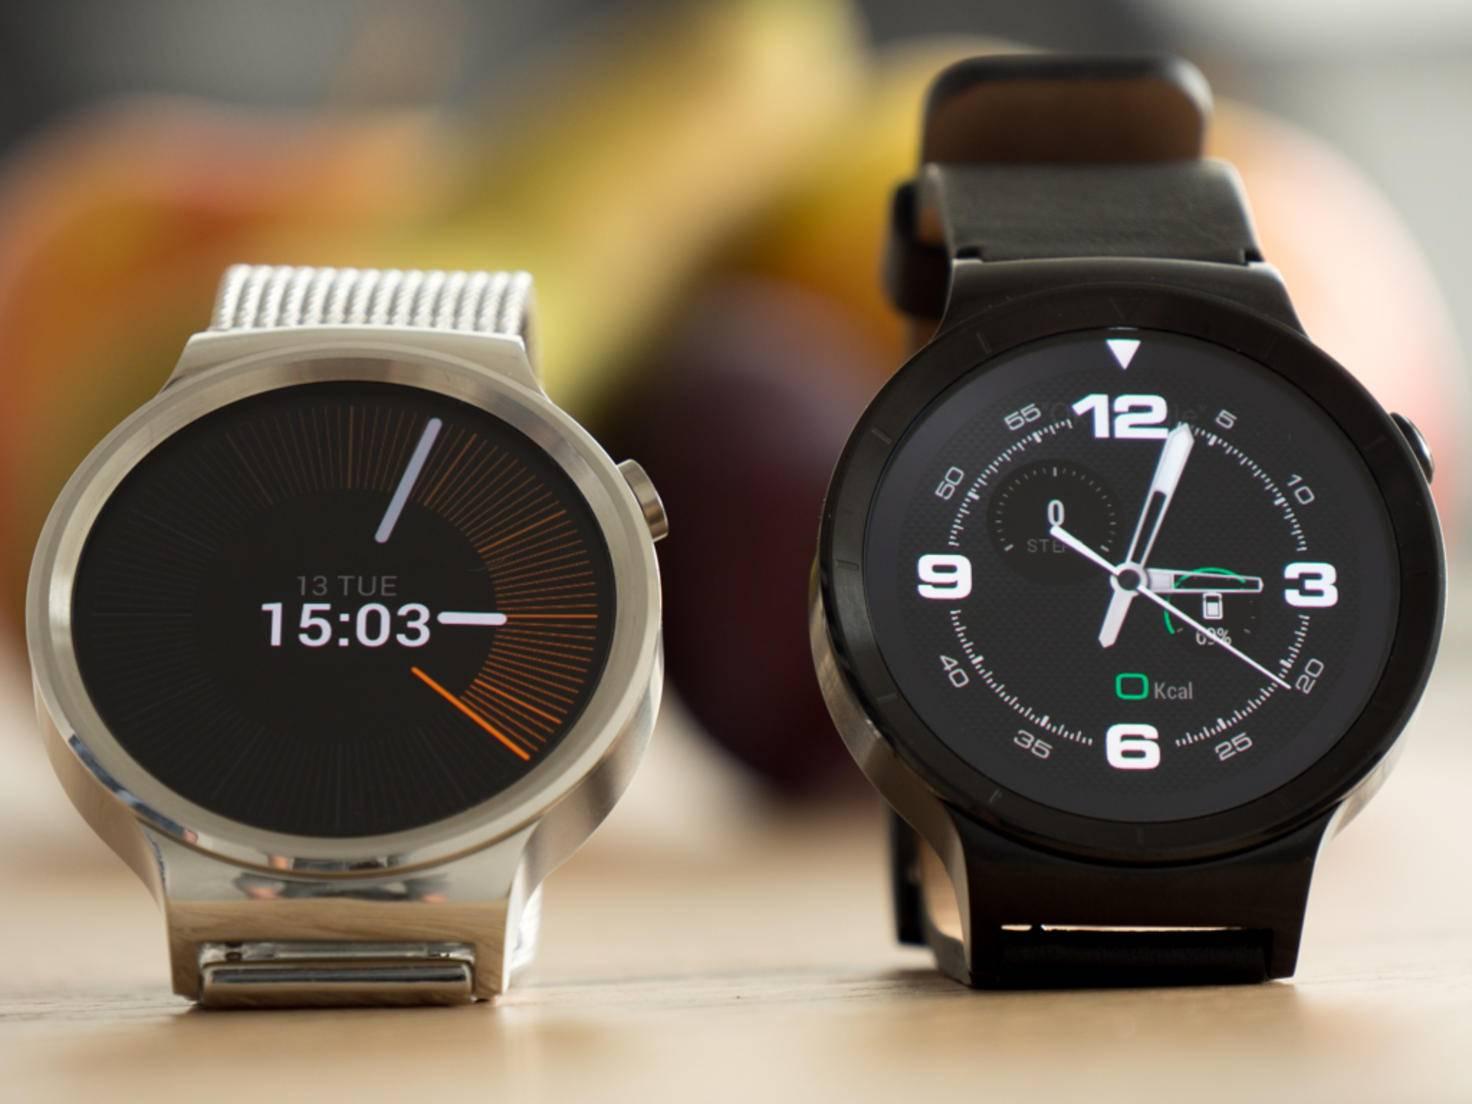 Android Wear bietet ab Werk viele verschiedene Zifferblätter zur Auswahl.